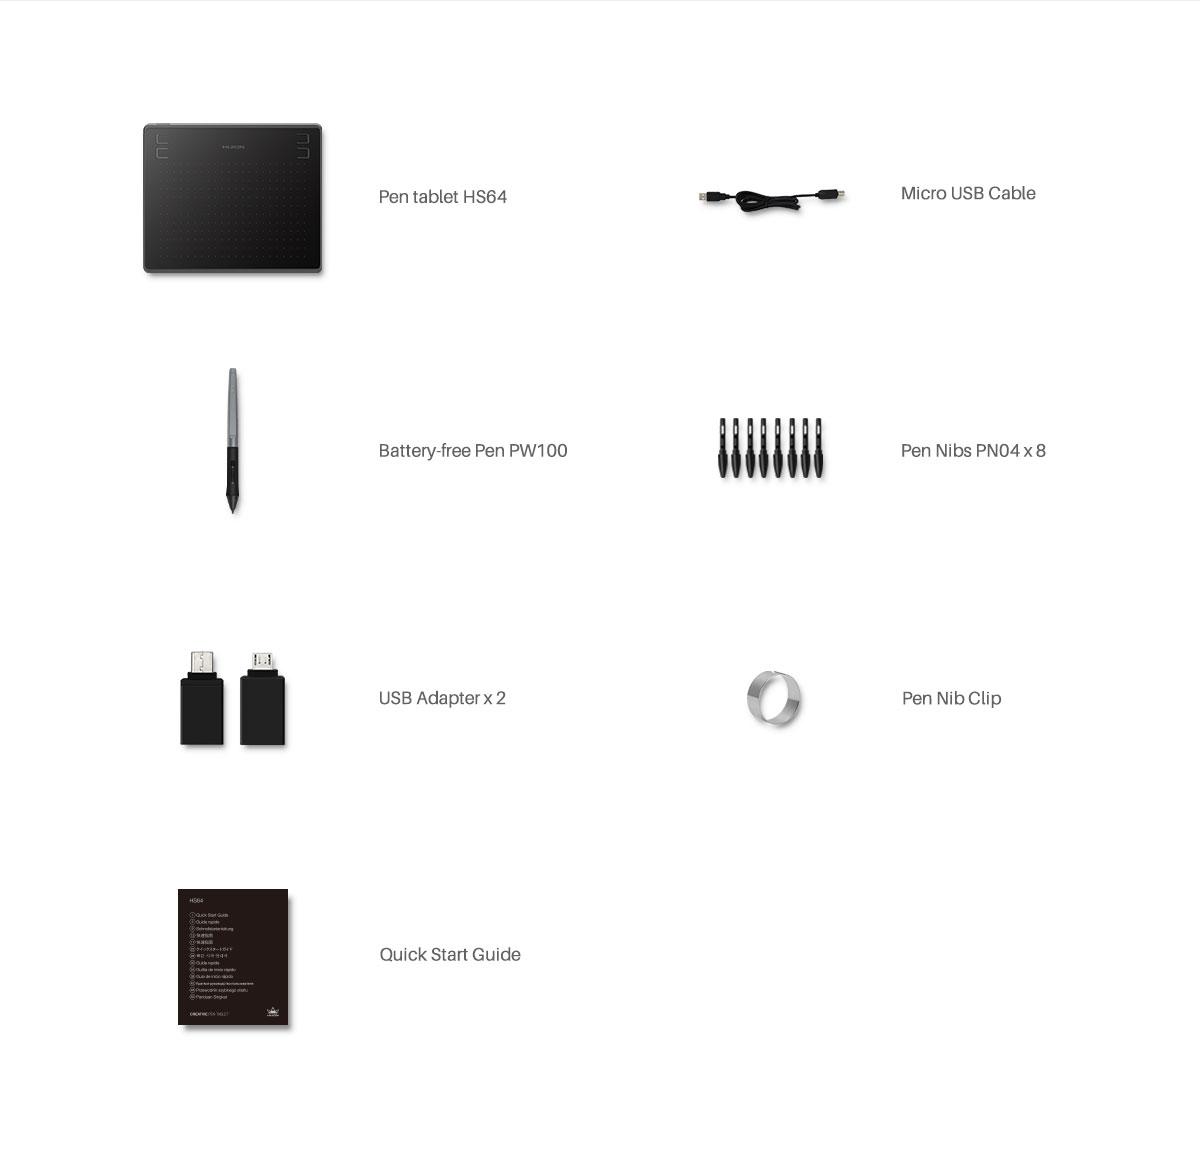 order-image1